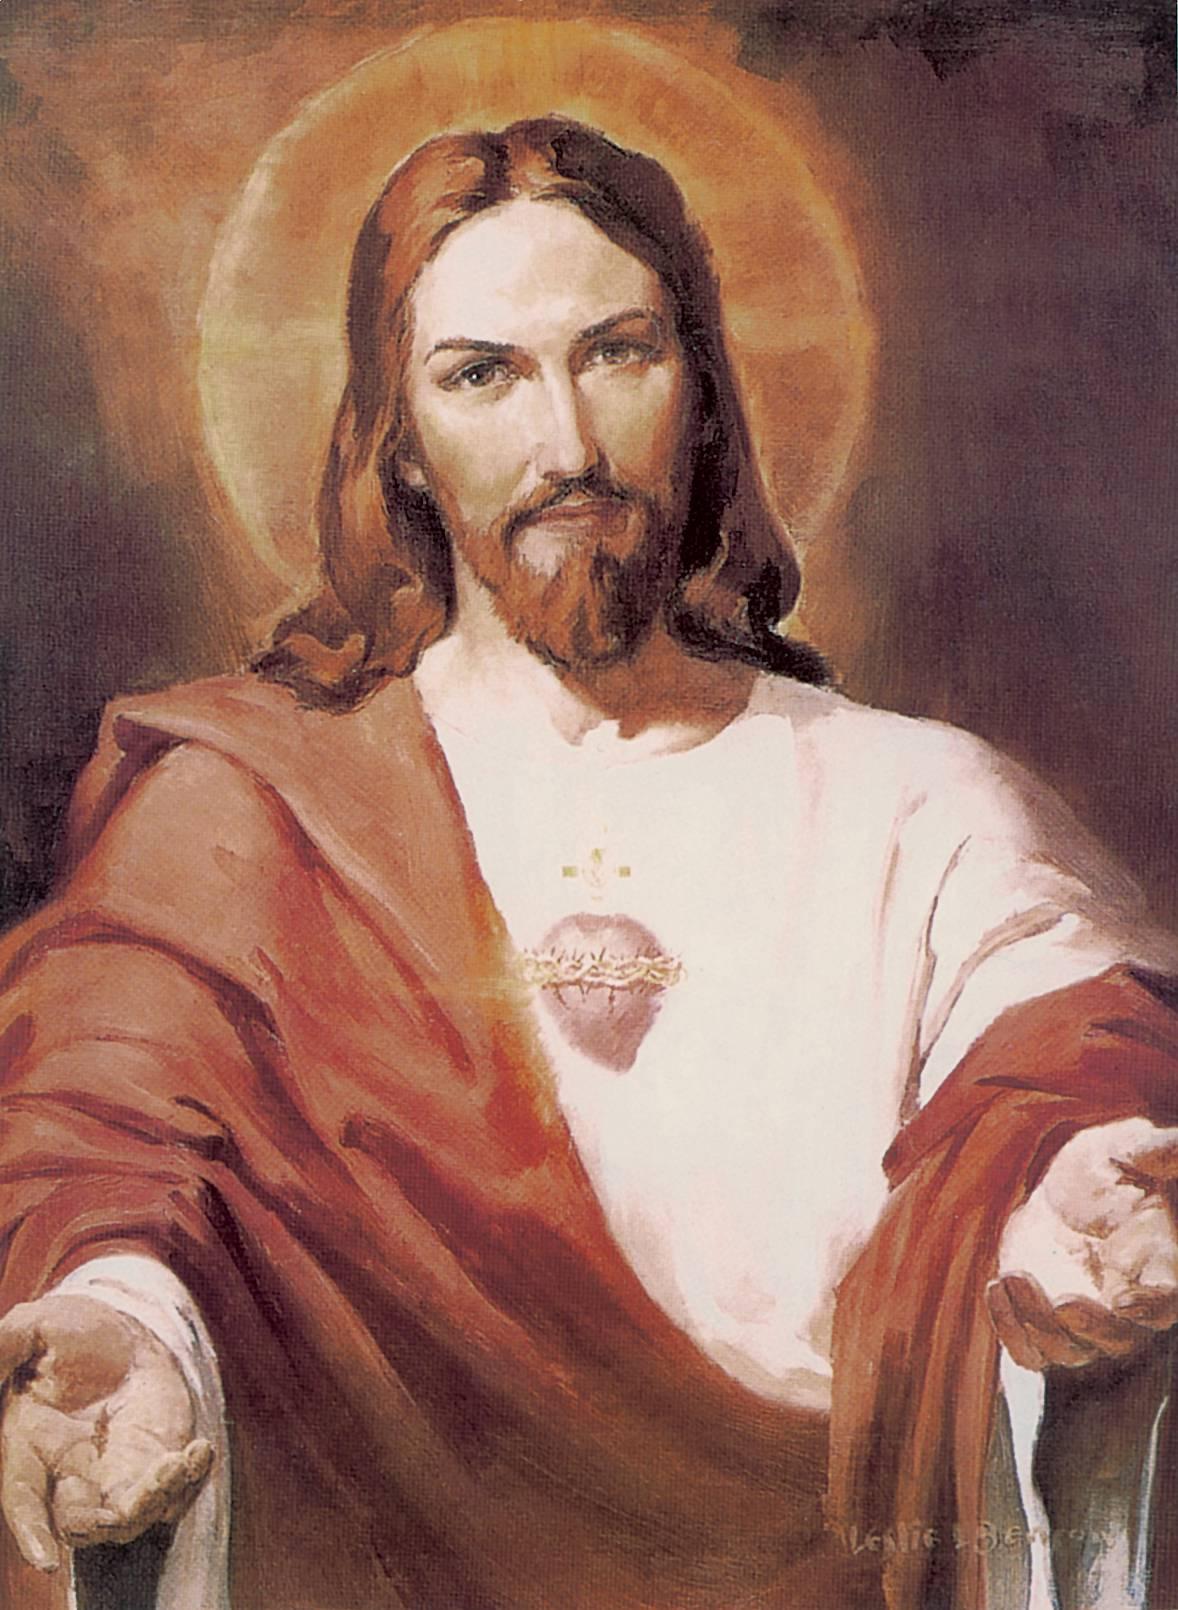 Con questa bellissima preghiera affidiamo la nostra giornata a Gesù